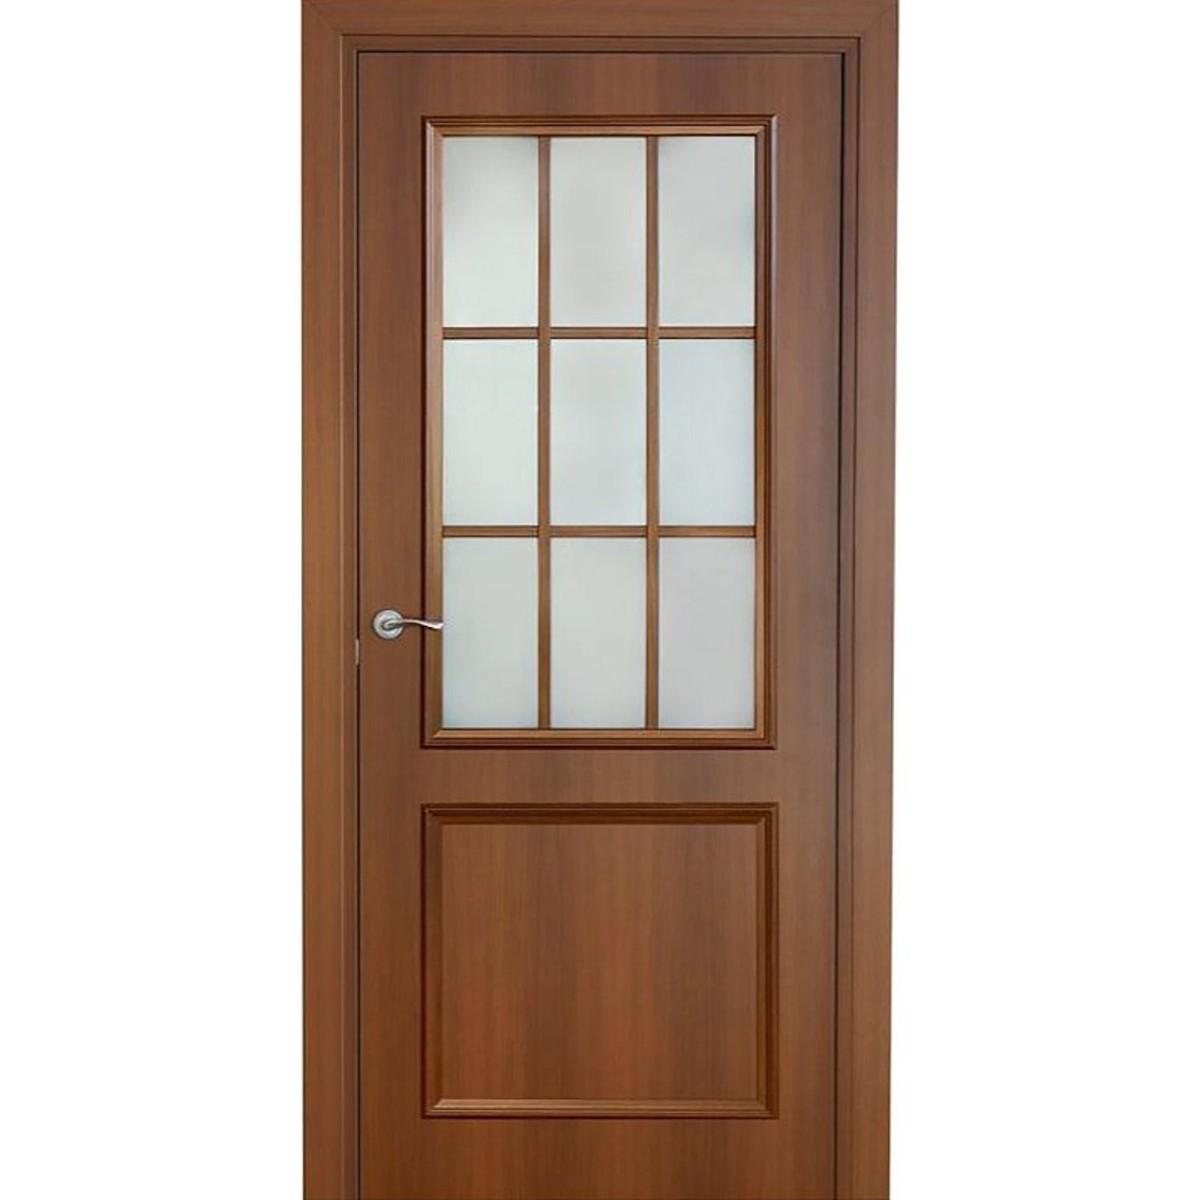 Дверь Межкомнатная Остеклённая Altro 80x200 Ламинация Цвет Орех